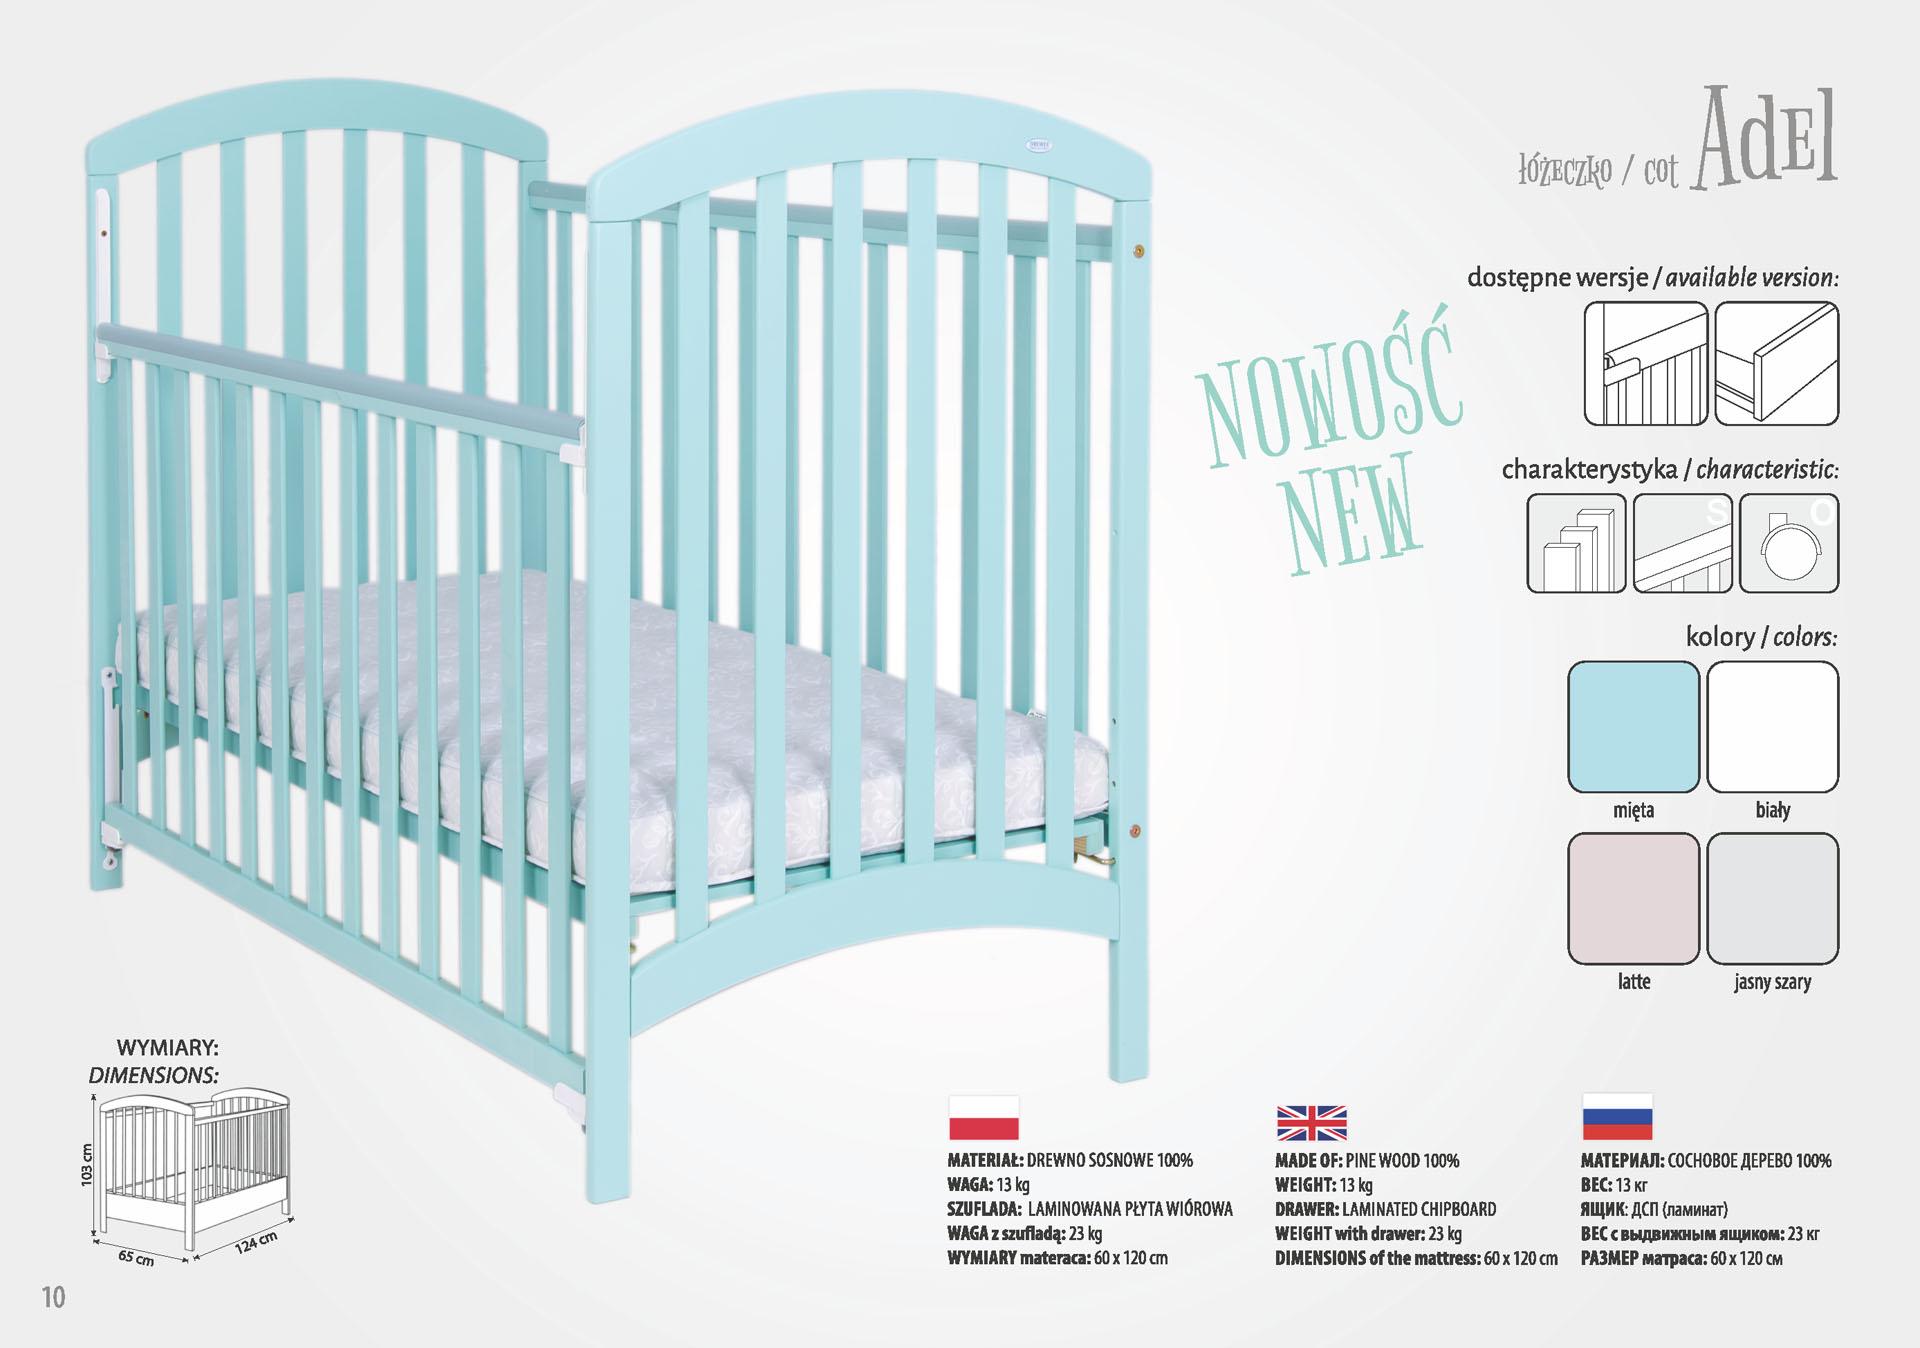 Кроватка детская Adel (Адэль) с опускаемым боком.